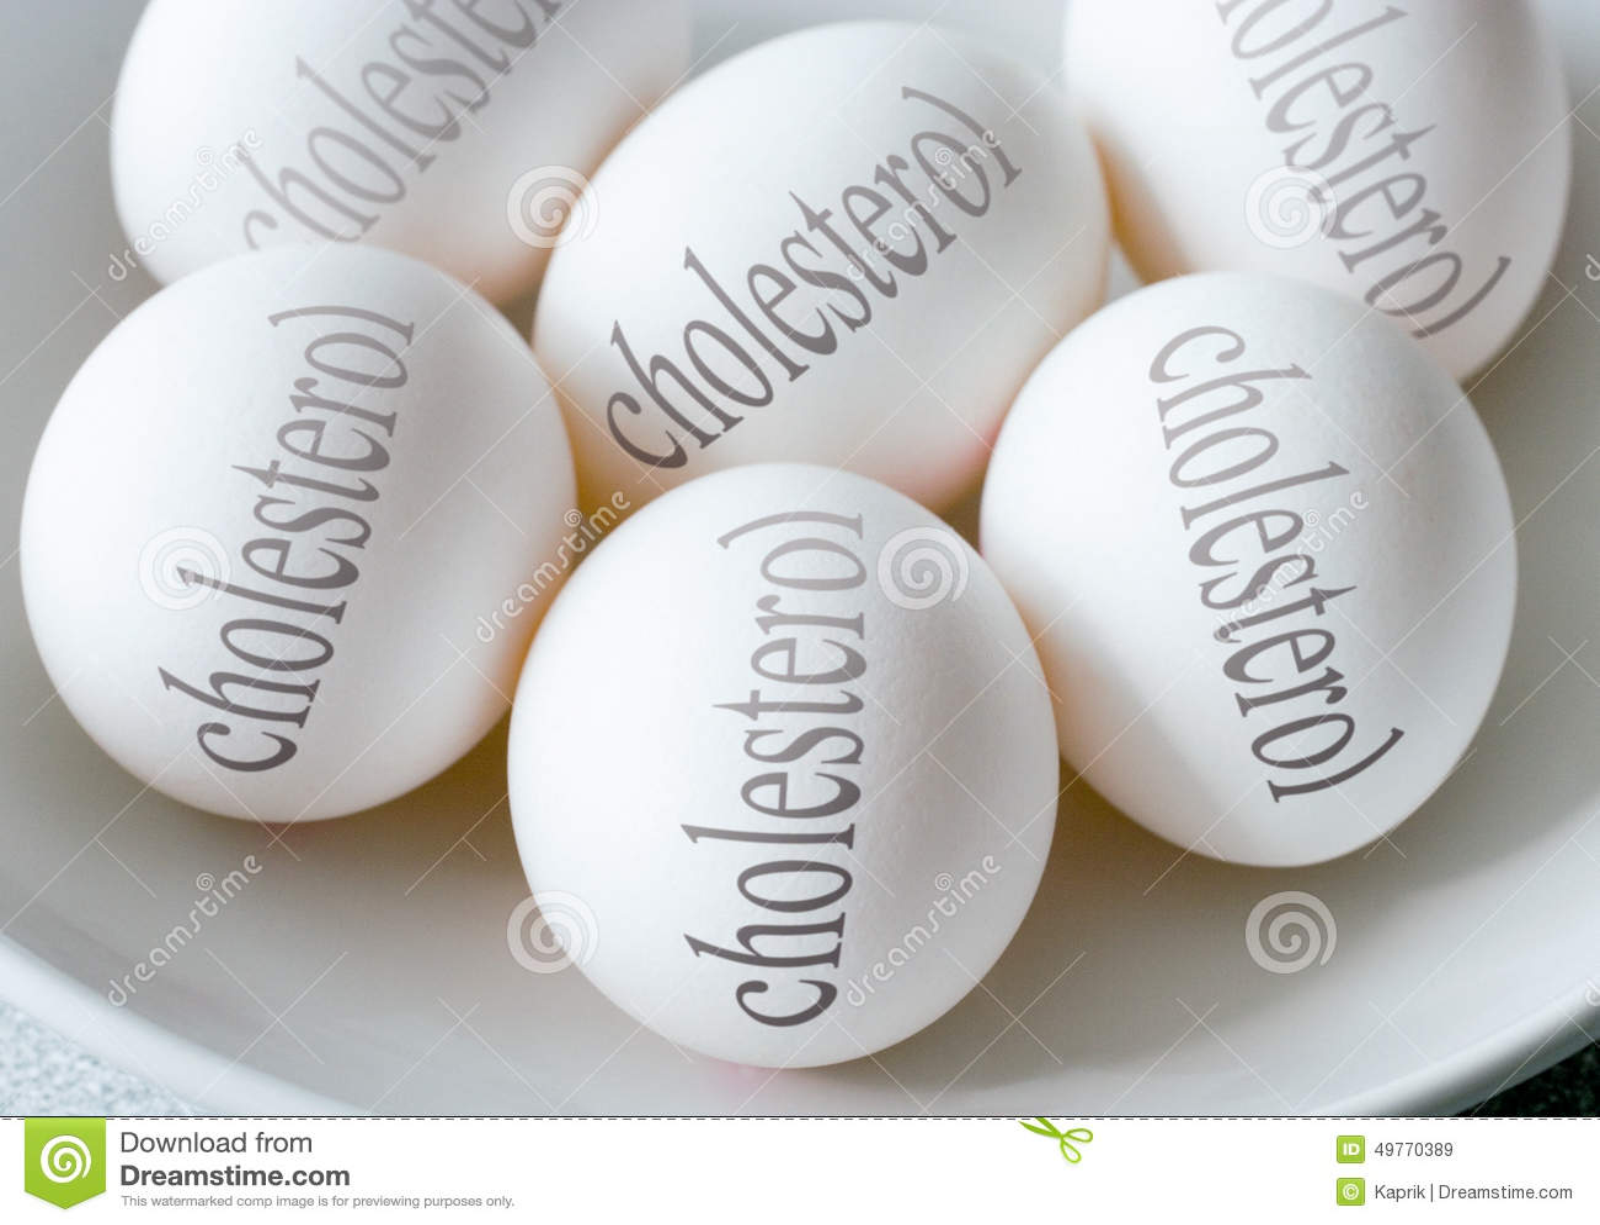 Biali jajka z cholesterolu tekstem zdrowie i zdrowy styl życia -